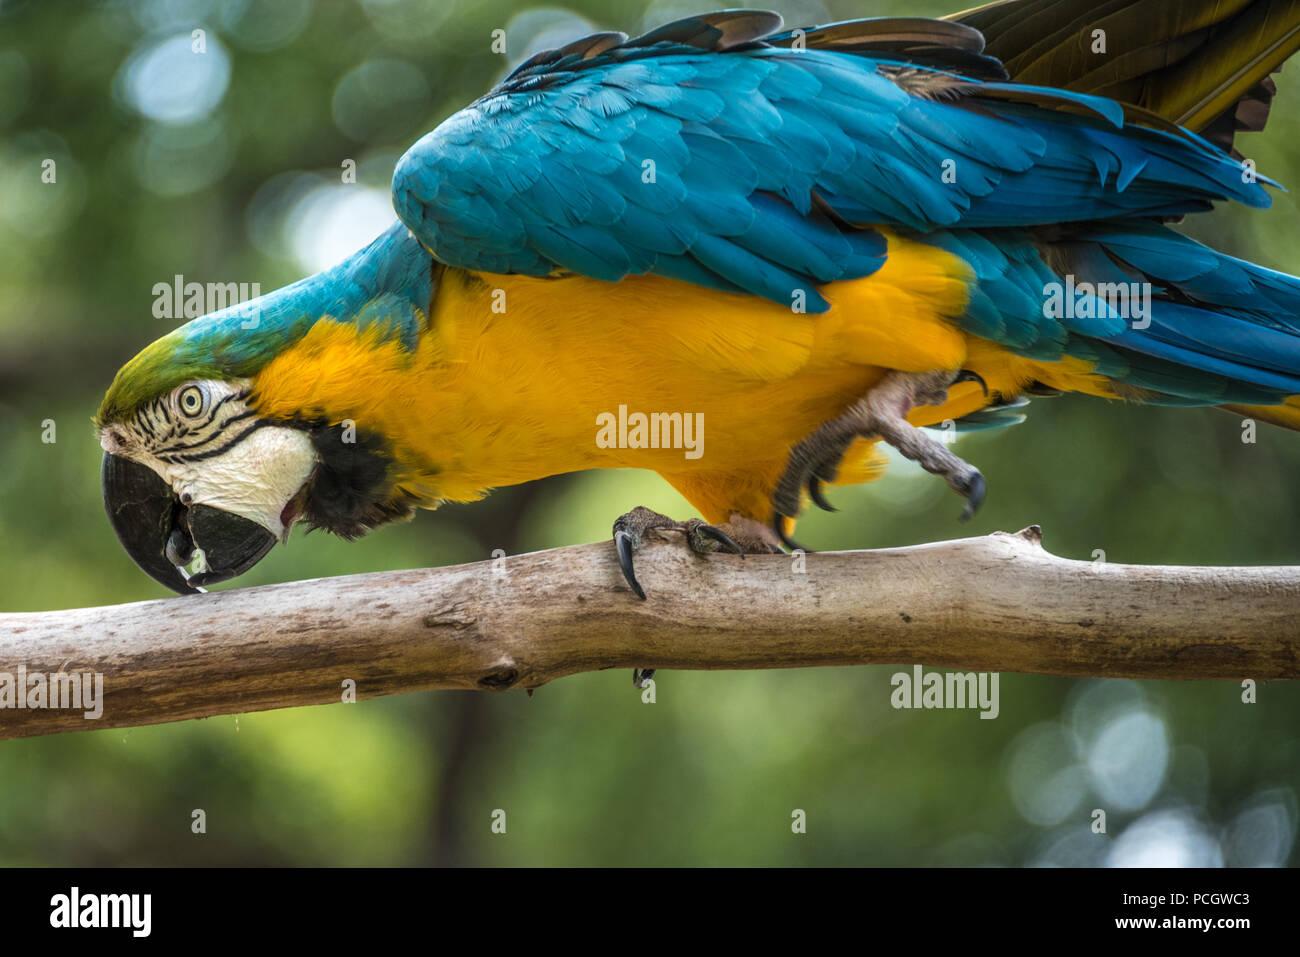 Un vibrante blu-giallo macaw (noto anche come un blu e oro macaw) al Sant'Agostino Alligator Farm Zoological Park di sant'Agostino, FL. (USA) Immagini Stock